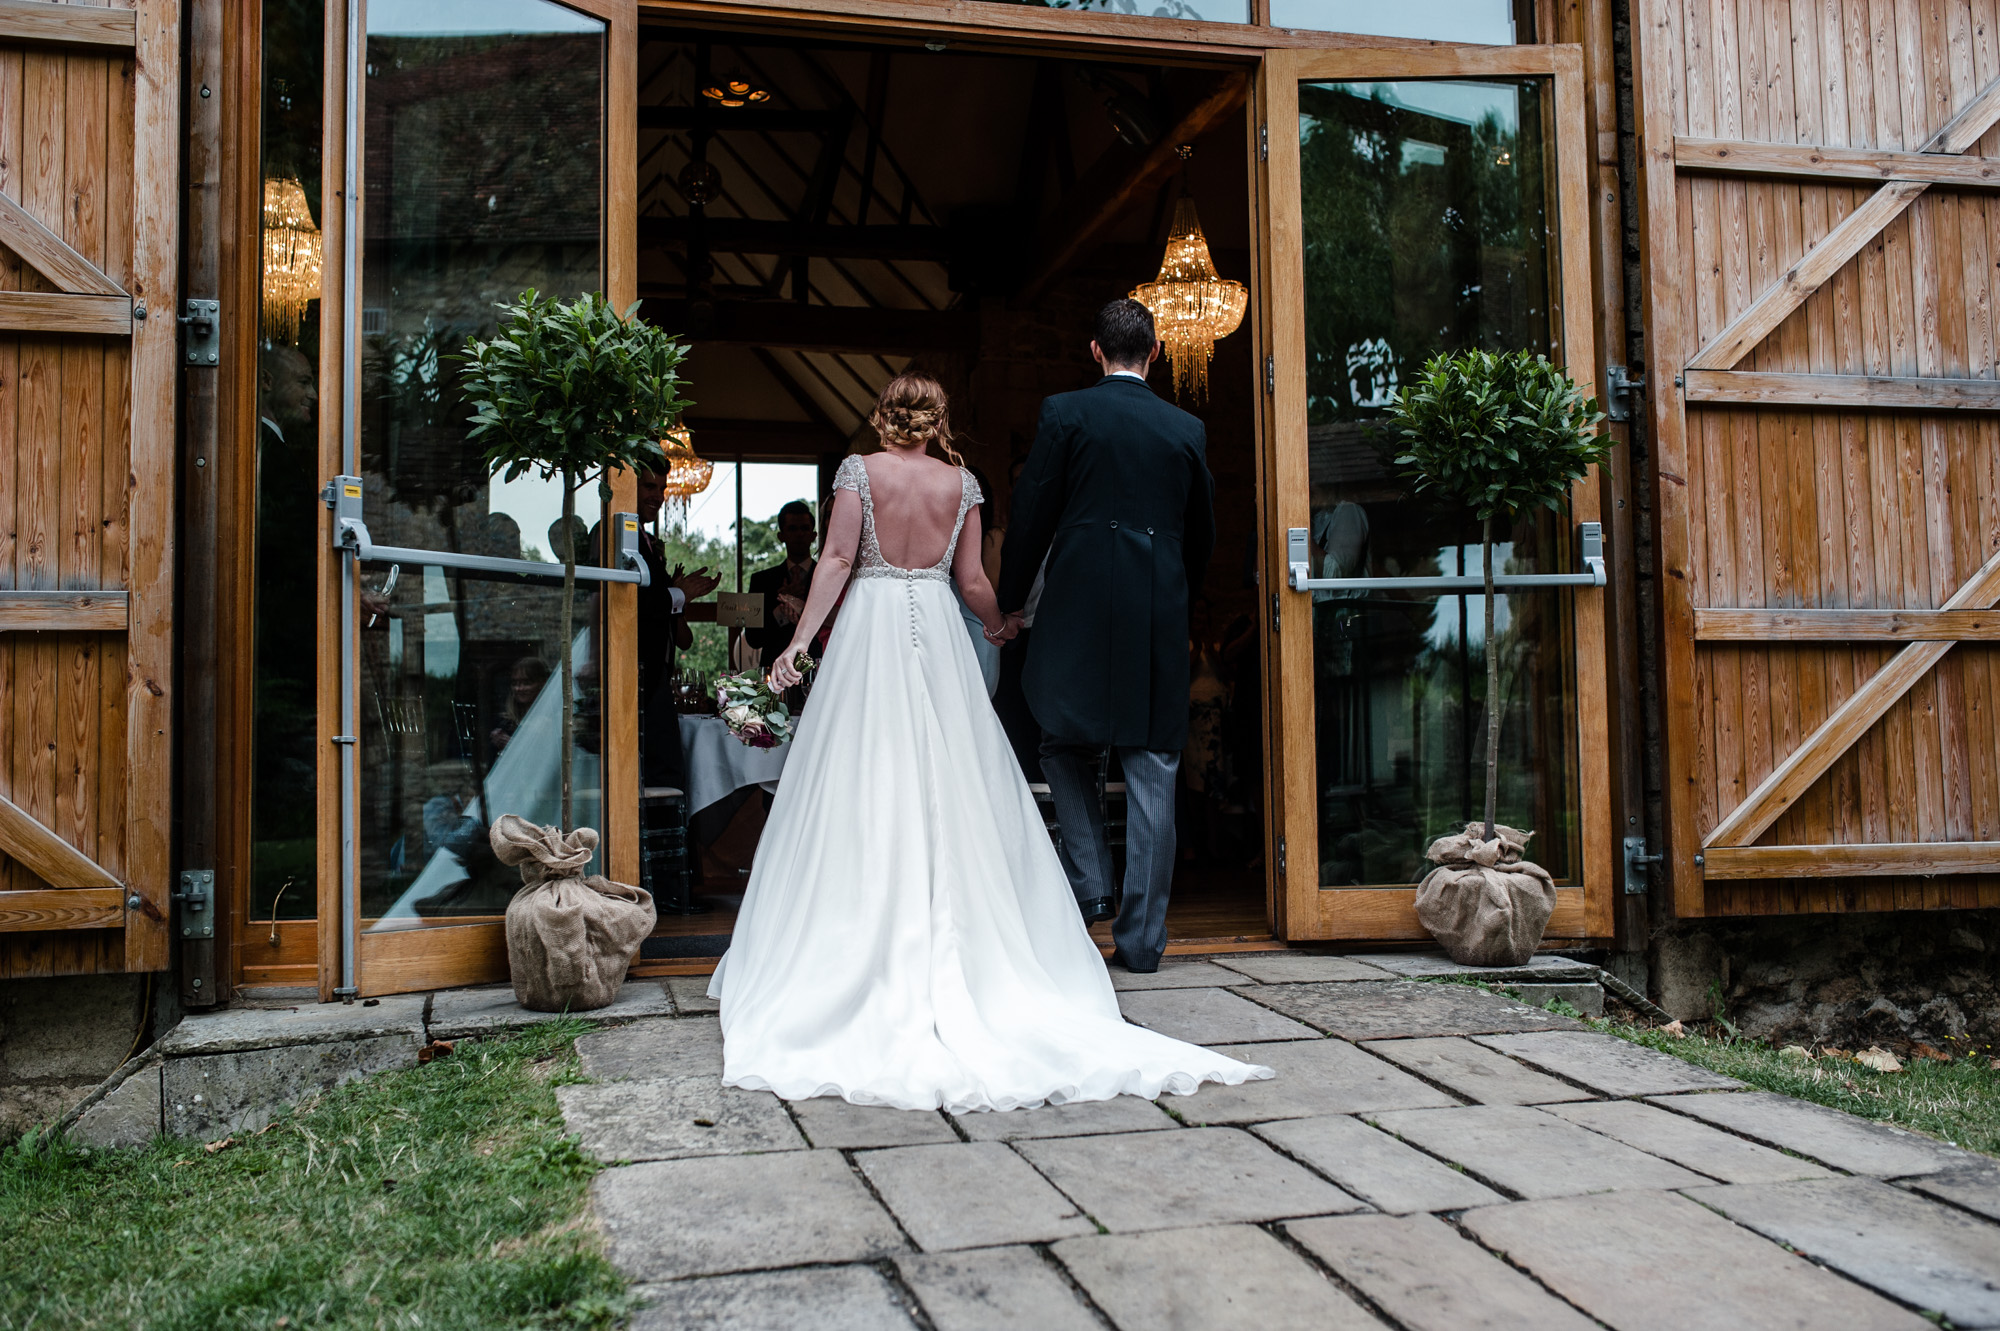 Notley Barn Wedding 26.10.18 21.jpg